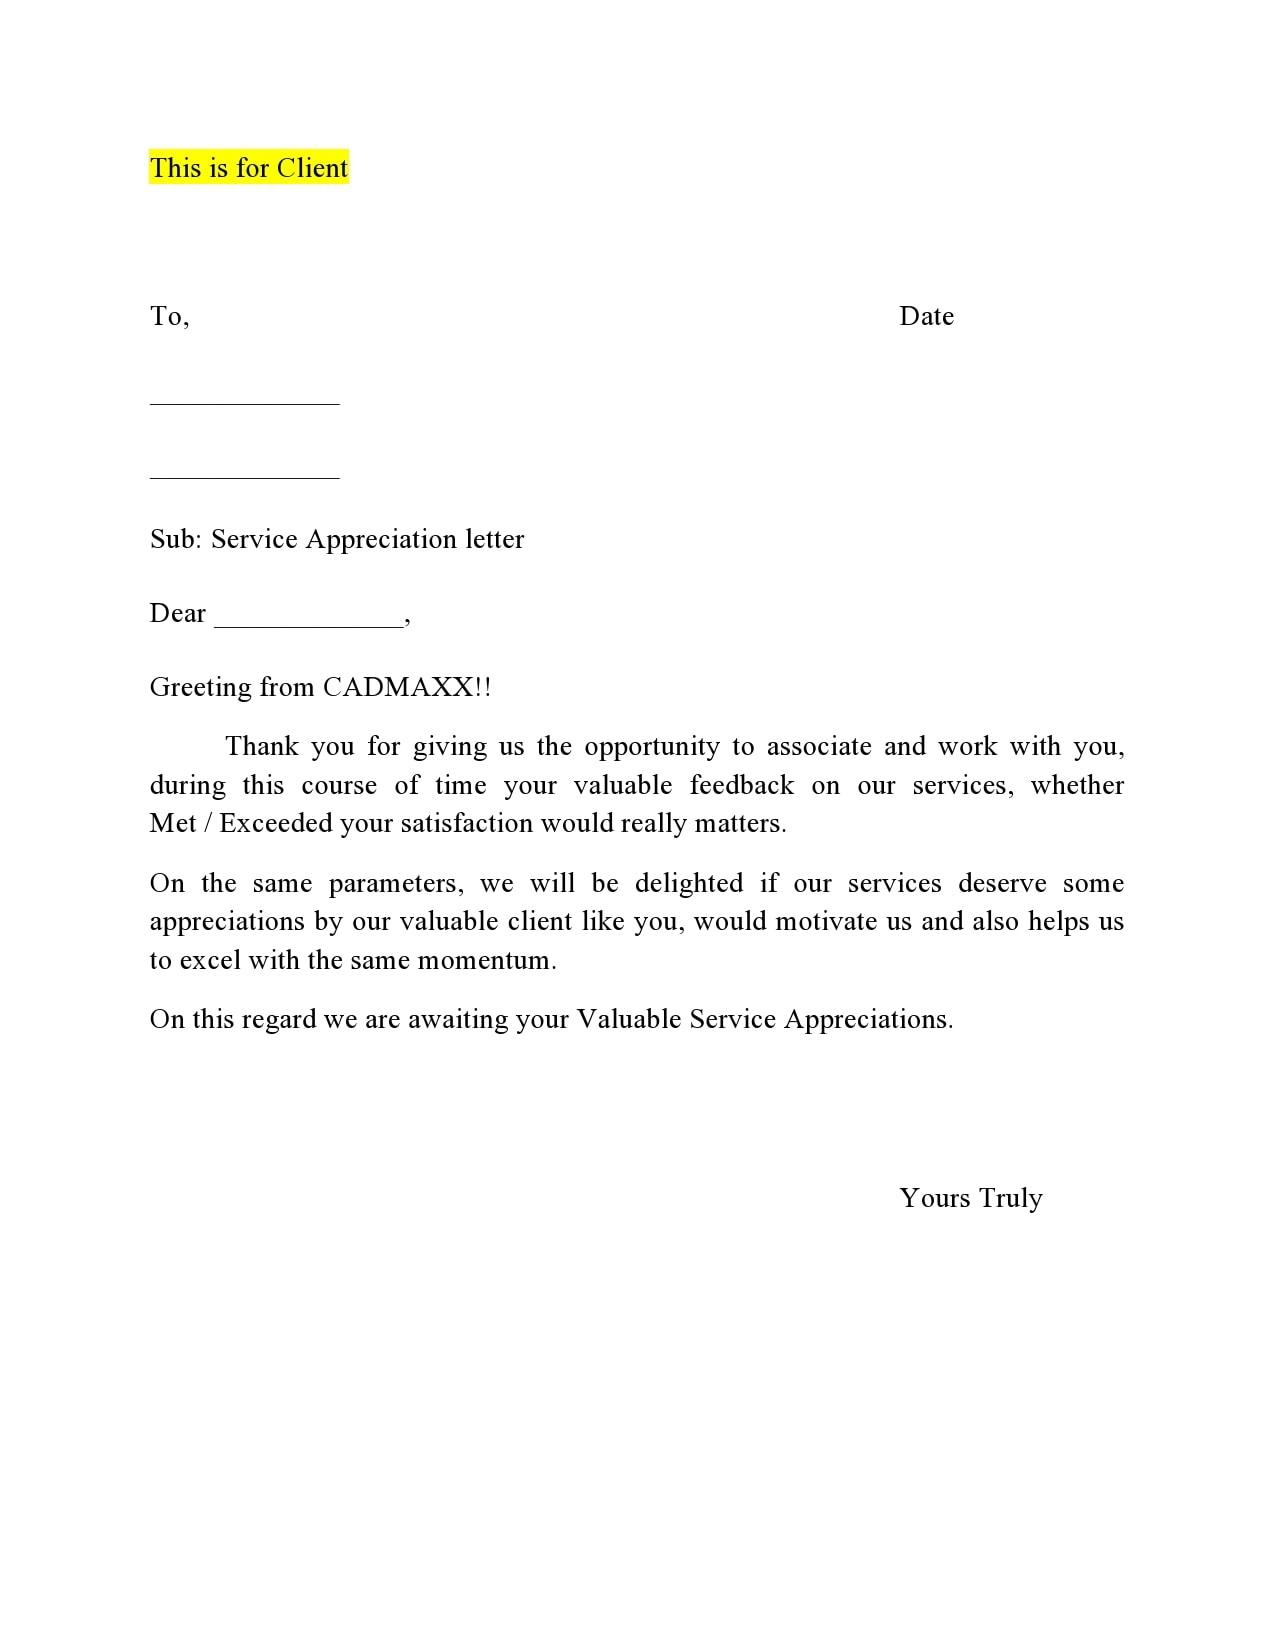 appreciation letter 24